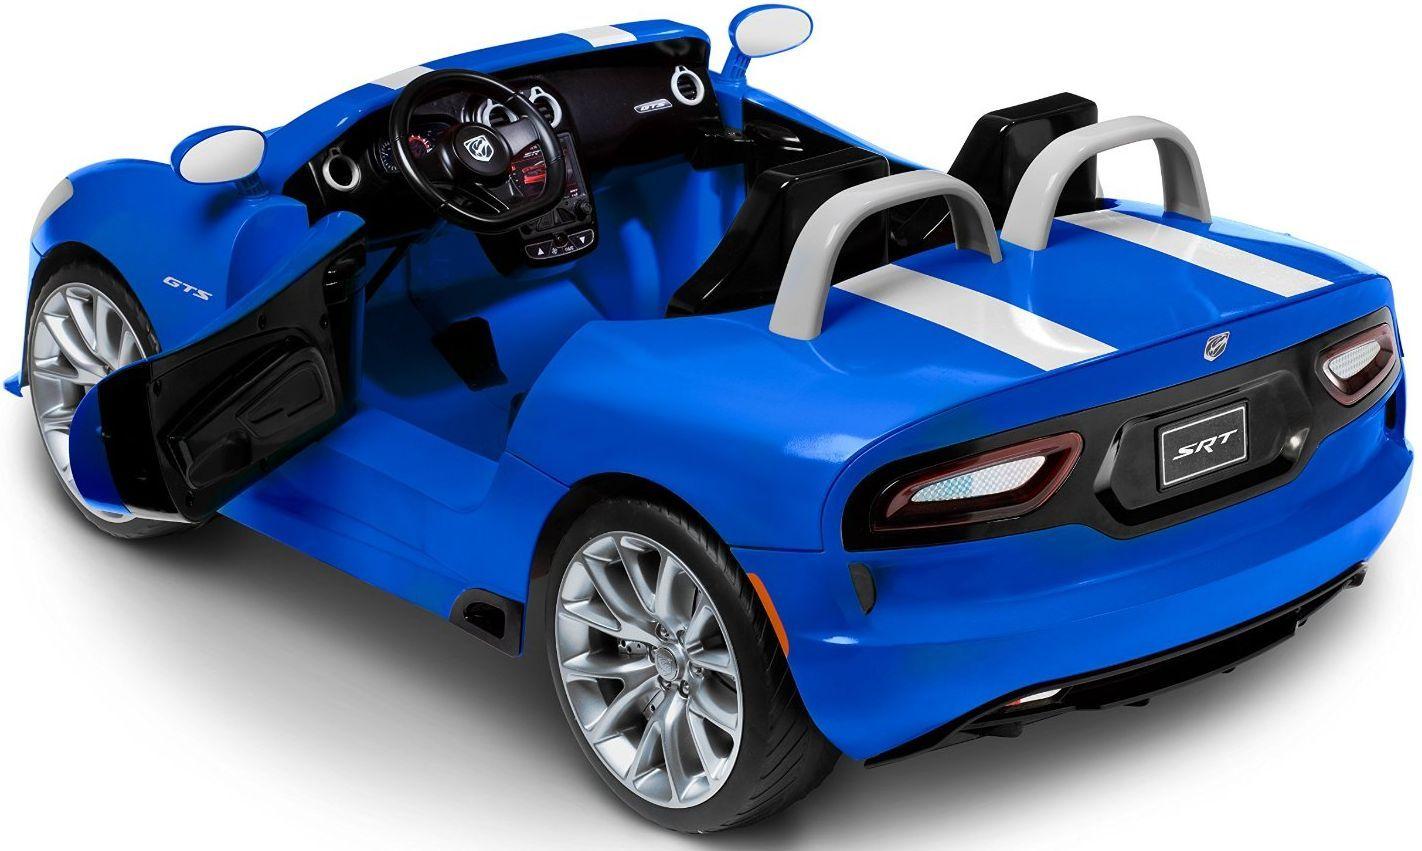 أفضل ثلاث سيارات كهربائية صغيرة Dodge Viper Ride On Toys Srt